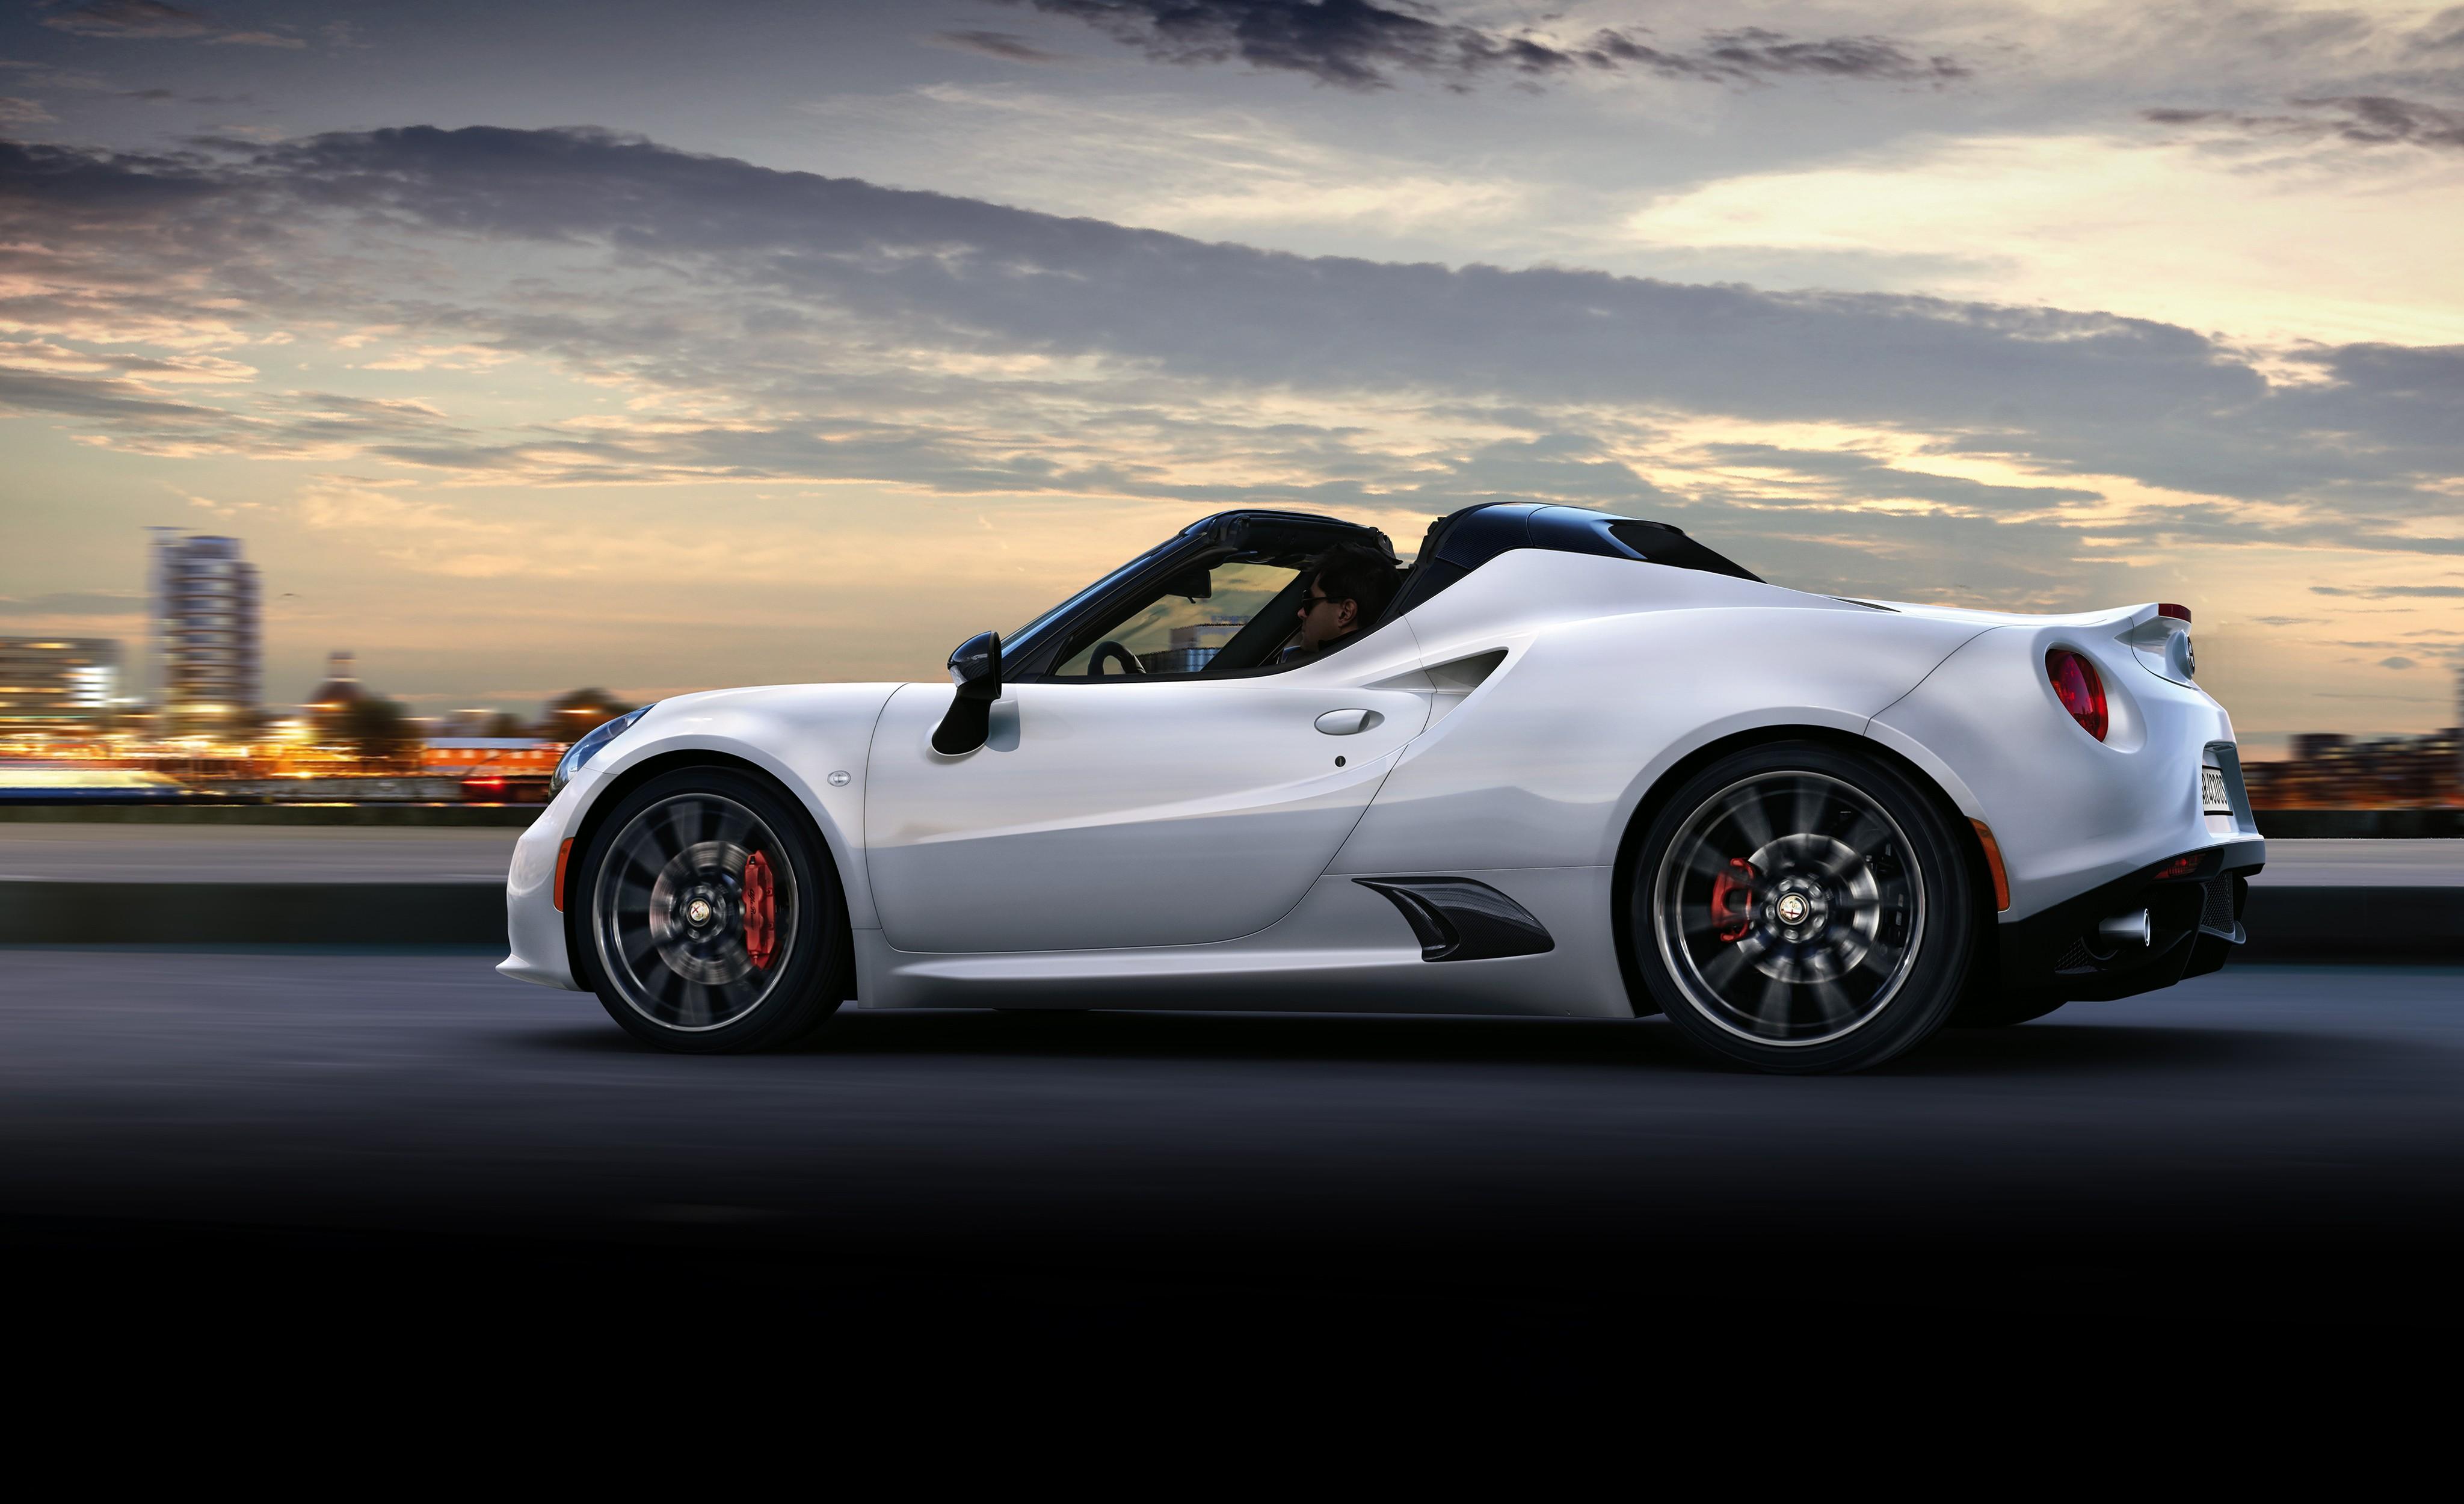 2017 Alfa Romeo Giulia Configurations >> Alfa Romeo 4C Could Get Quadrifoglio Version - autoevolution